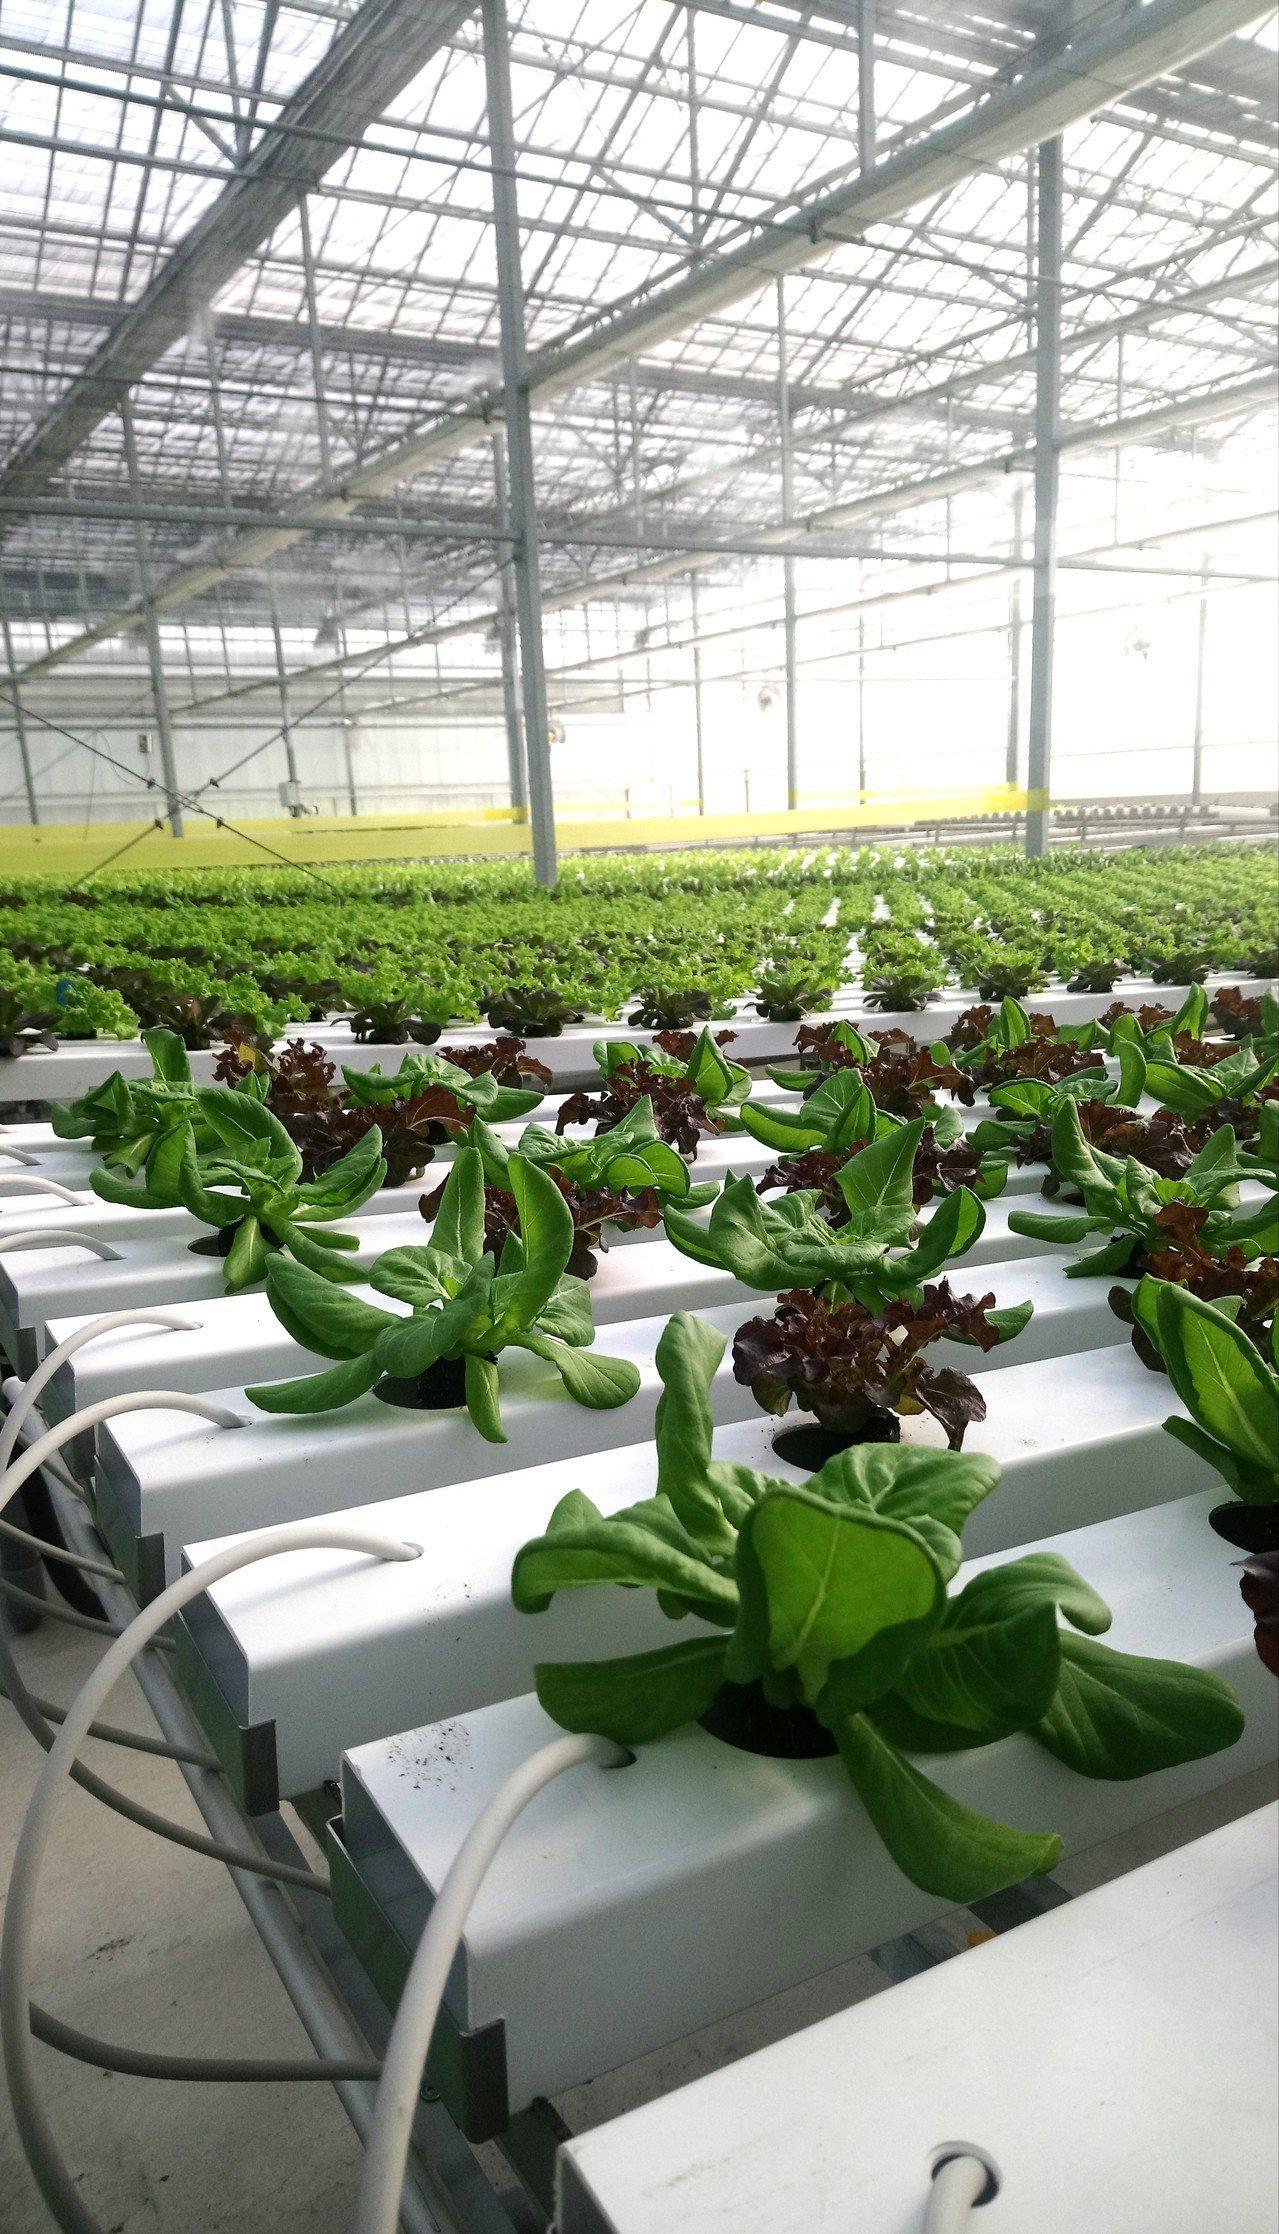 溫室有全自動的分流灌溉系統。記者卜敏正/攝影